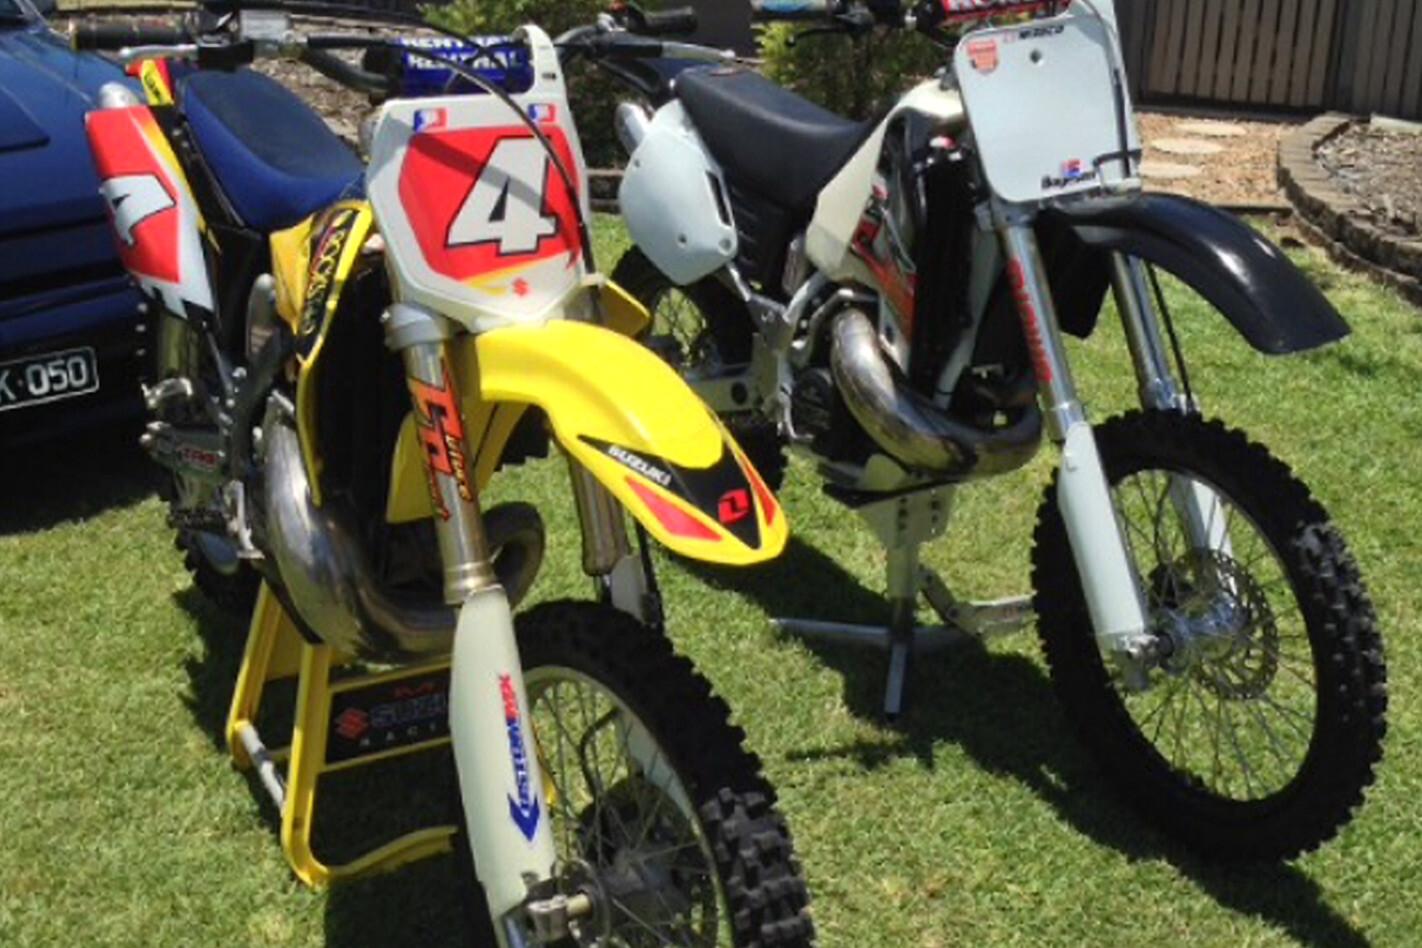 Adam Shears' motorbikes